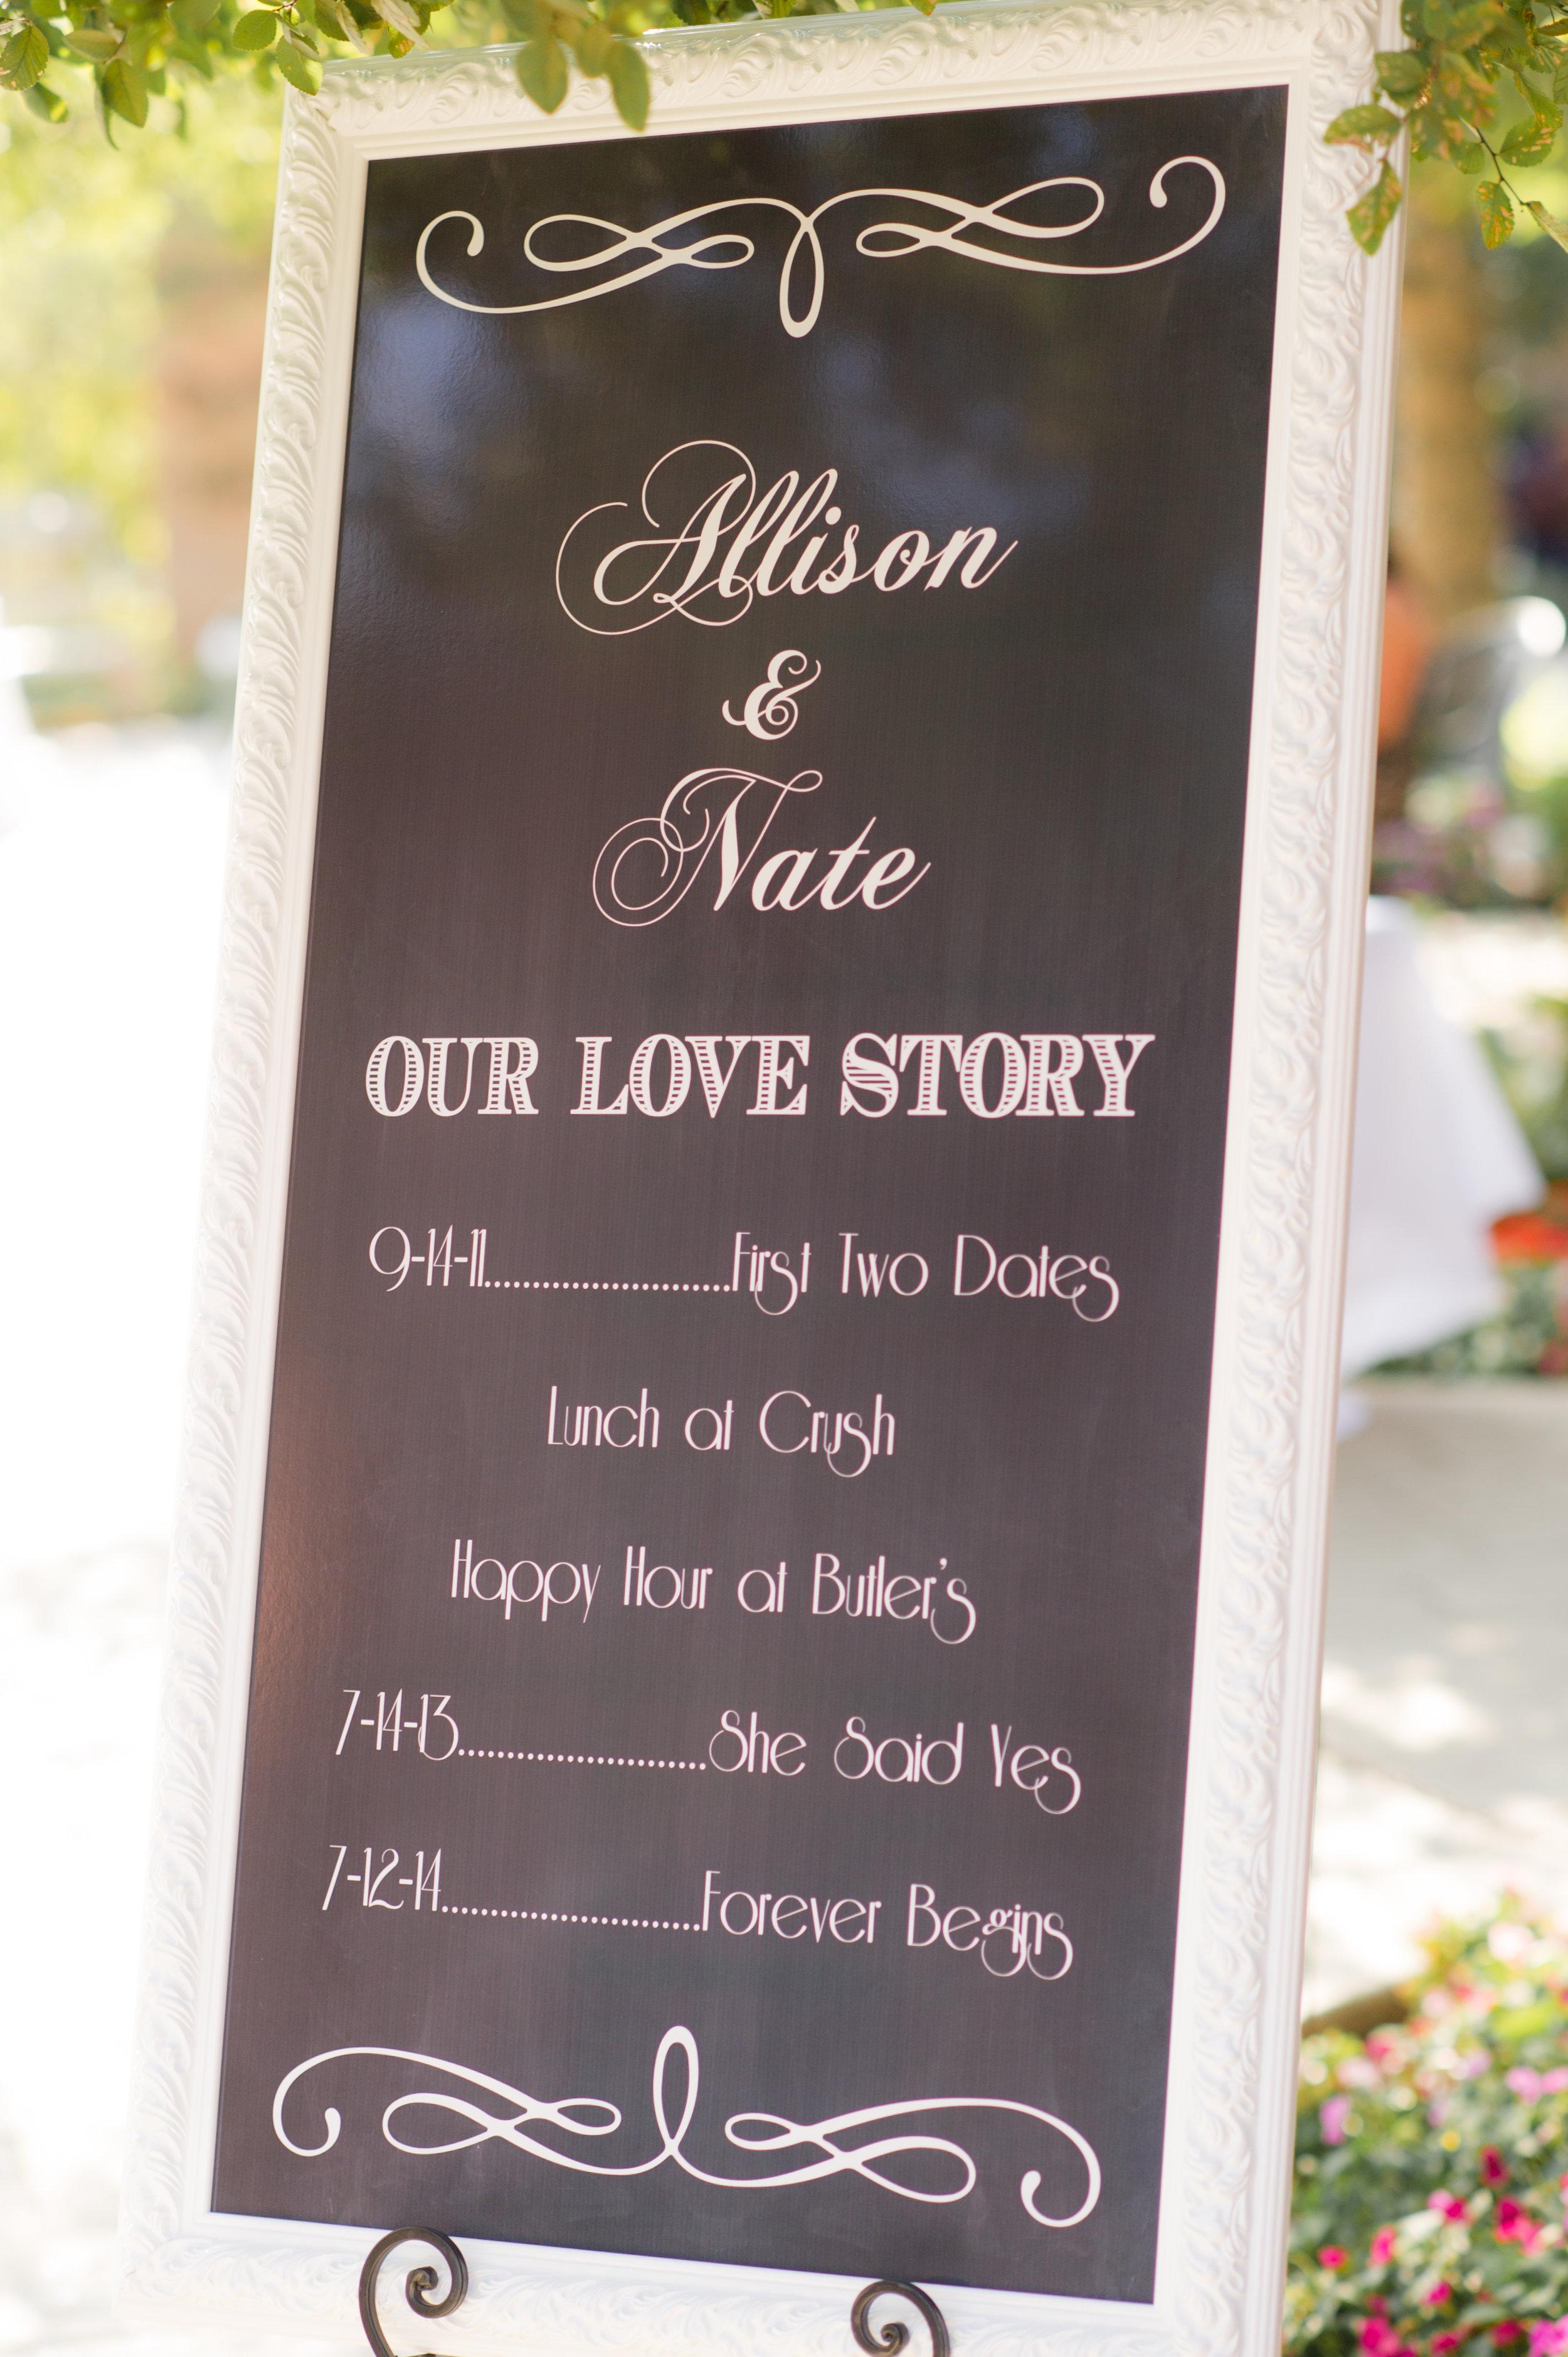 allison-nate--448_32415188615_o.jpg